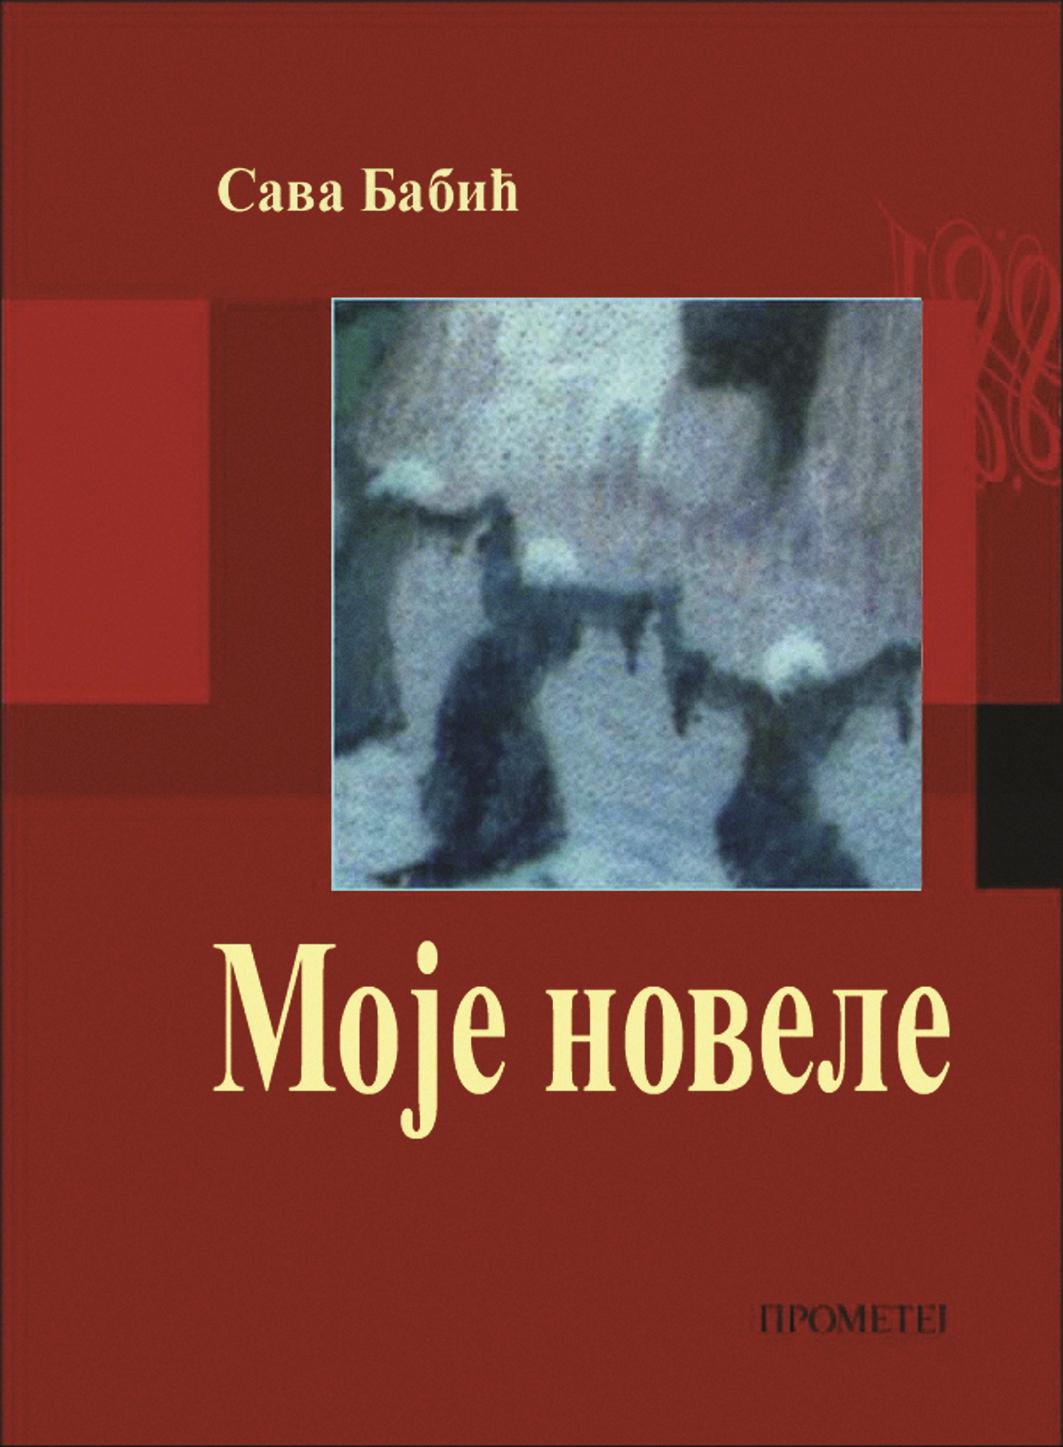 МОЈЕ НОВЕЛЕ-Антологија мађарске новеле